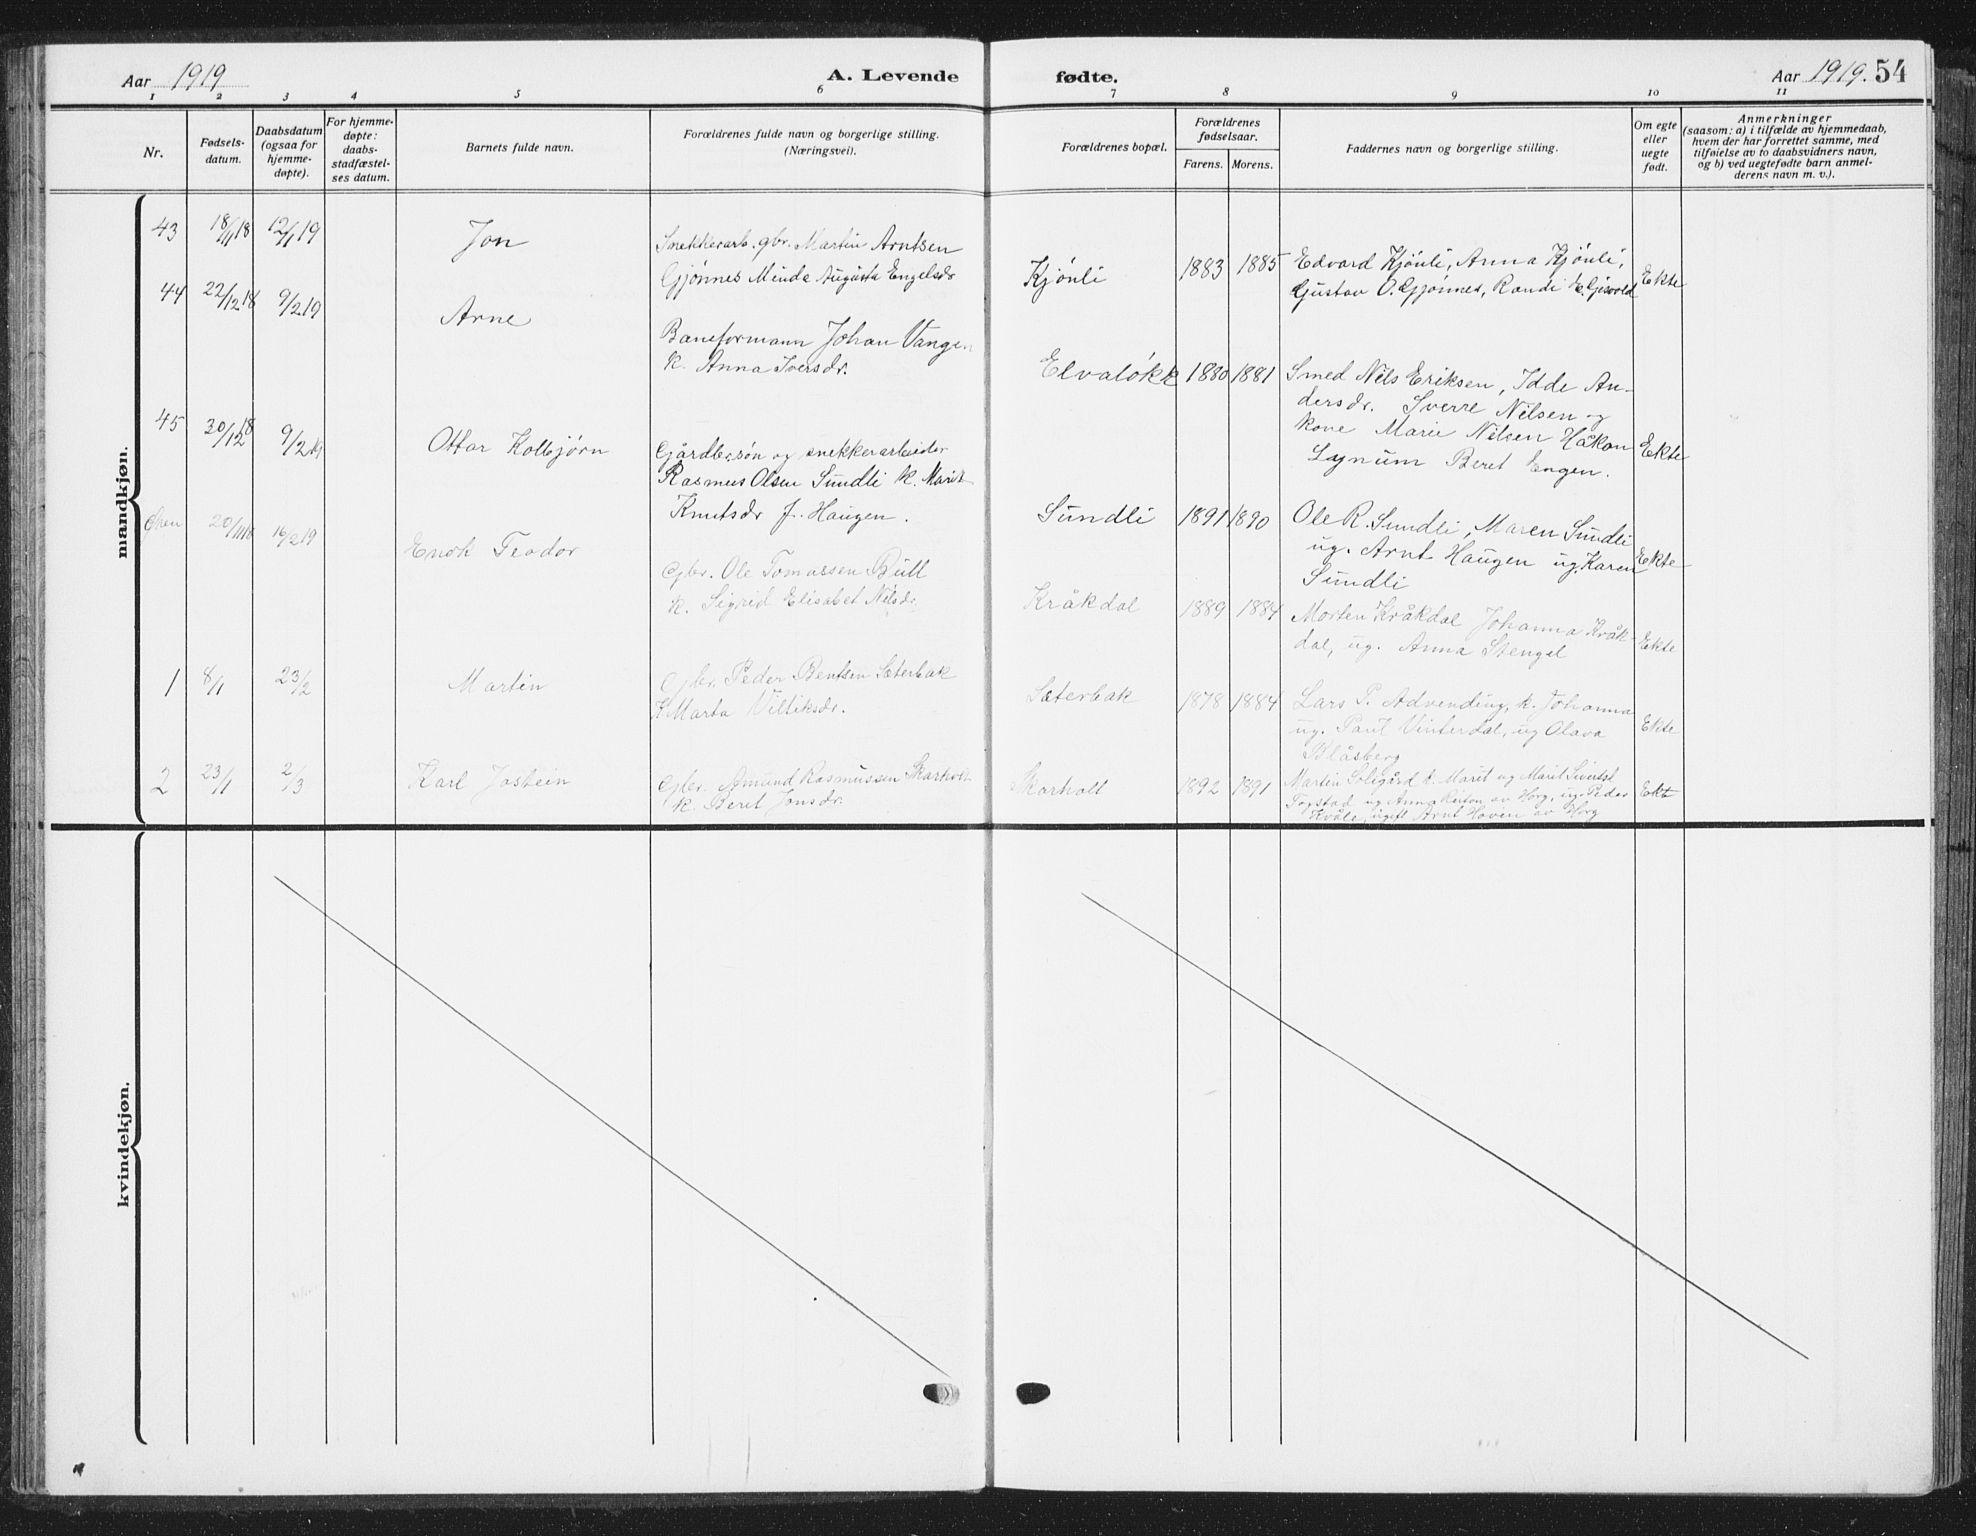 SAT, Ministerialprotokoller, klokkerbøker og fødselsregistre - Sør-Trøndelag, 668/L0820: Klokkerbok nr. 668C09, 1912-1936, s. 54